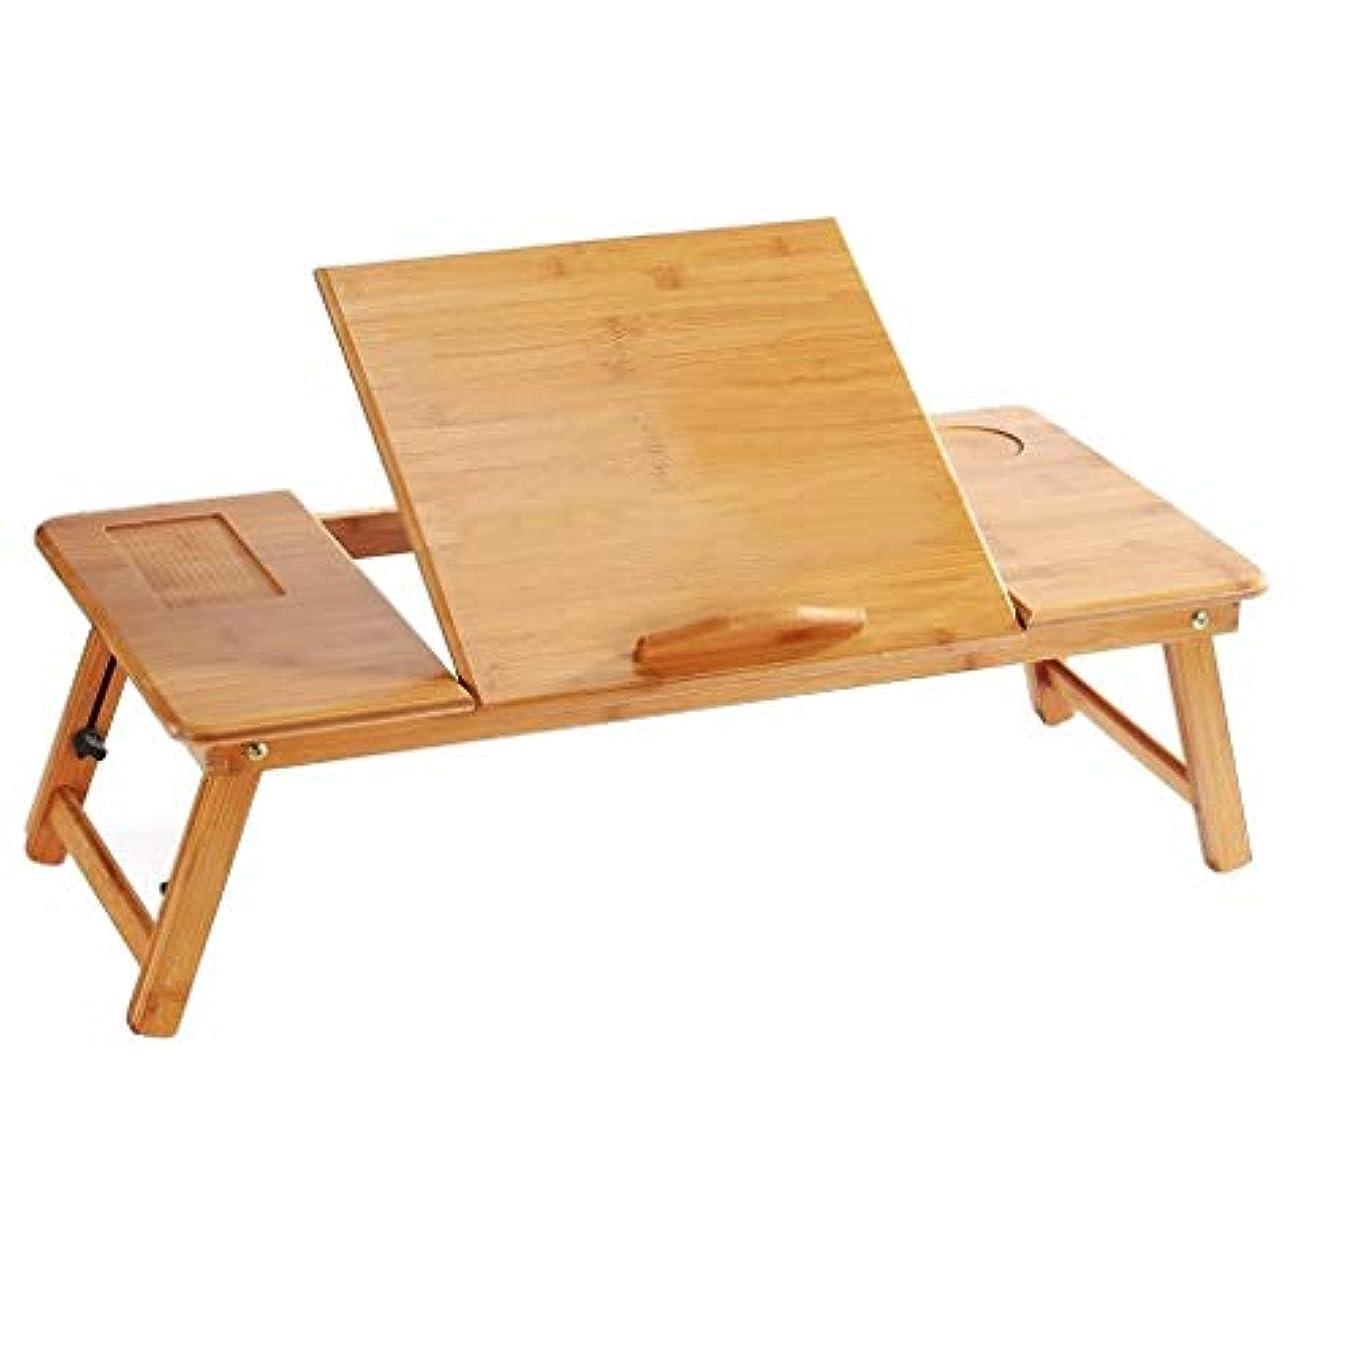 別のペルソナ均等にNosterappou ベッド怠惰な竹のノートブックテーブル、折りたたみリフト机、環境的に耐久性、あなたの生活にもっと便利をもたらす